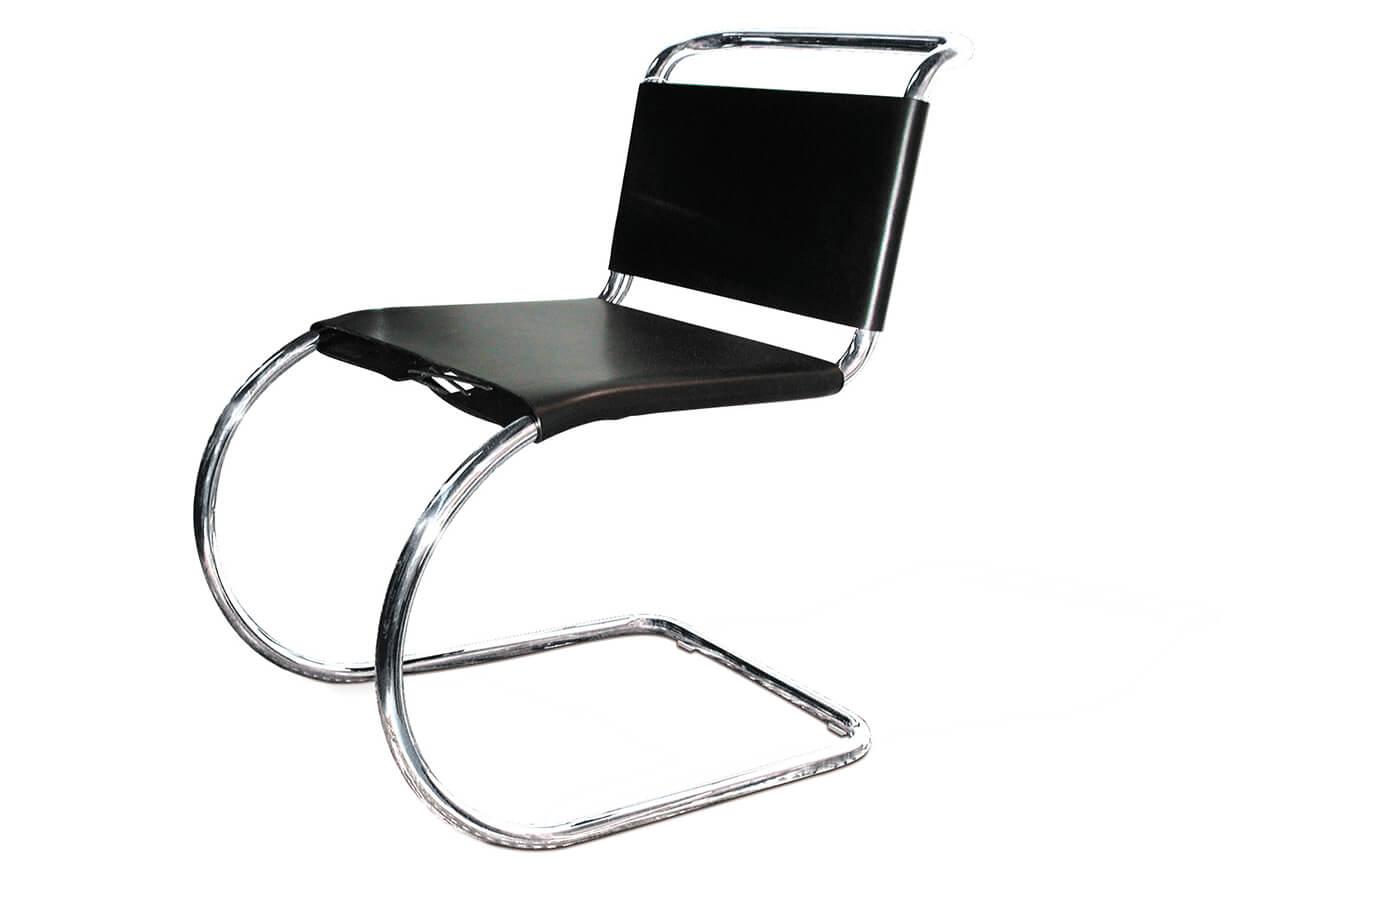 Sedia a sbalzo progettata da Mies van der Rohe per l'esposizione del Weissenhof del 1927